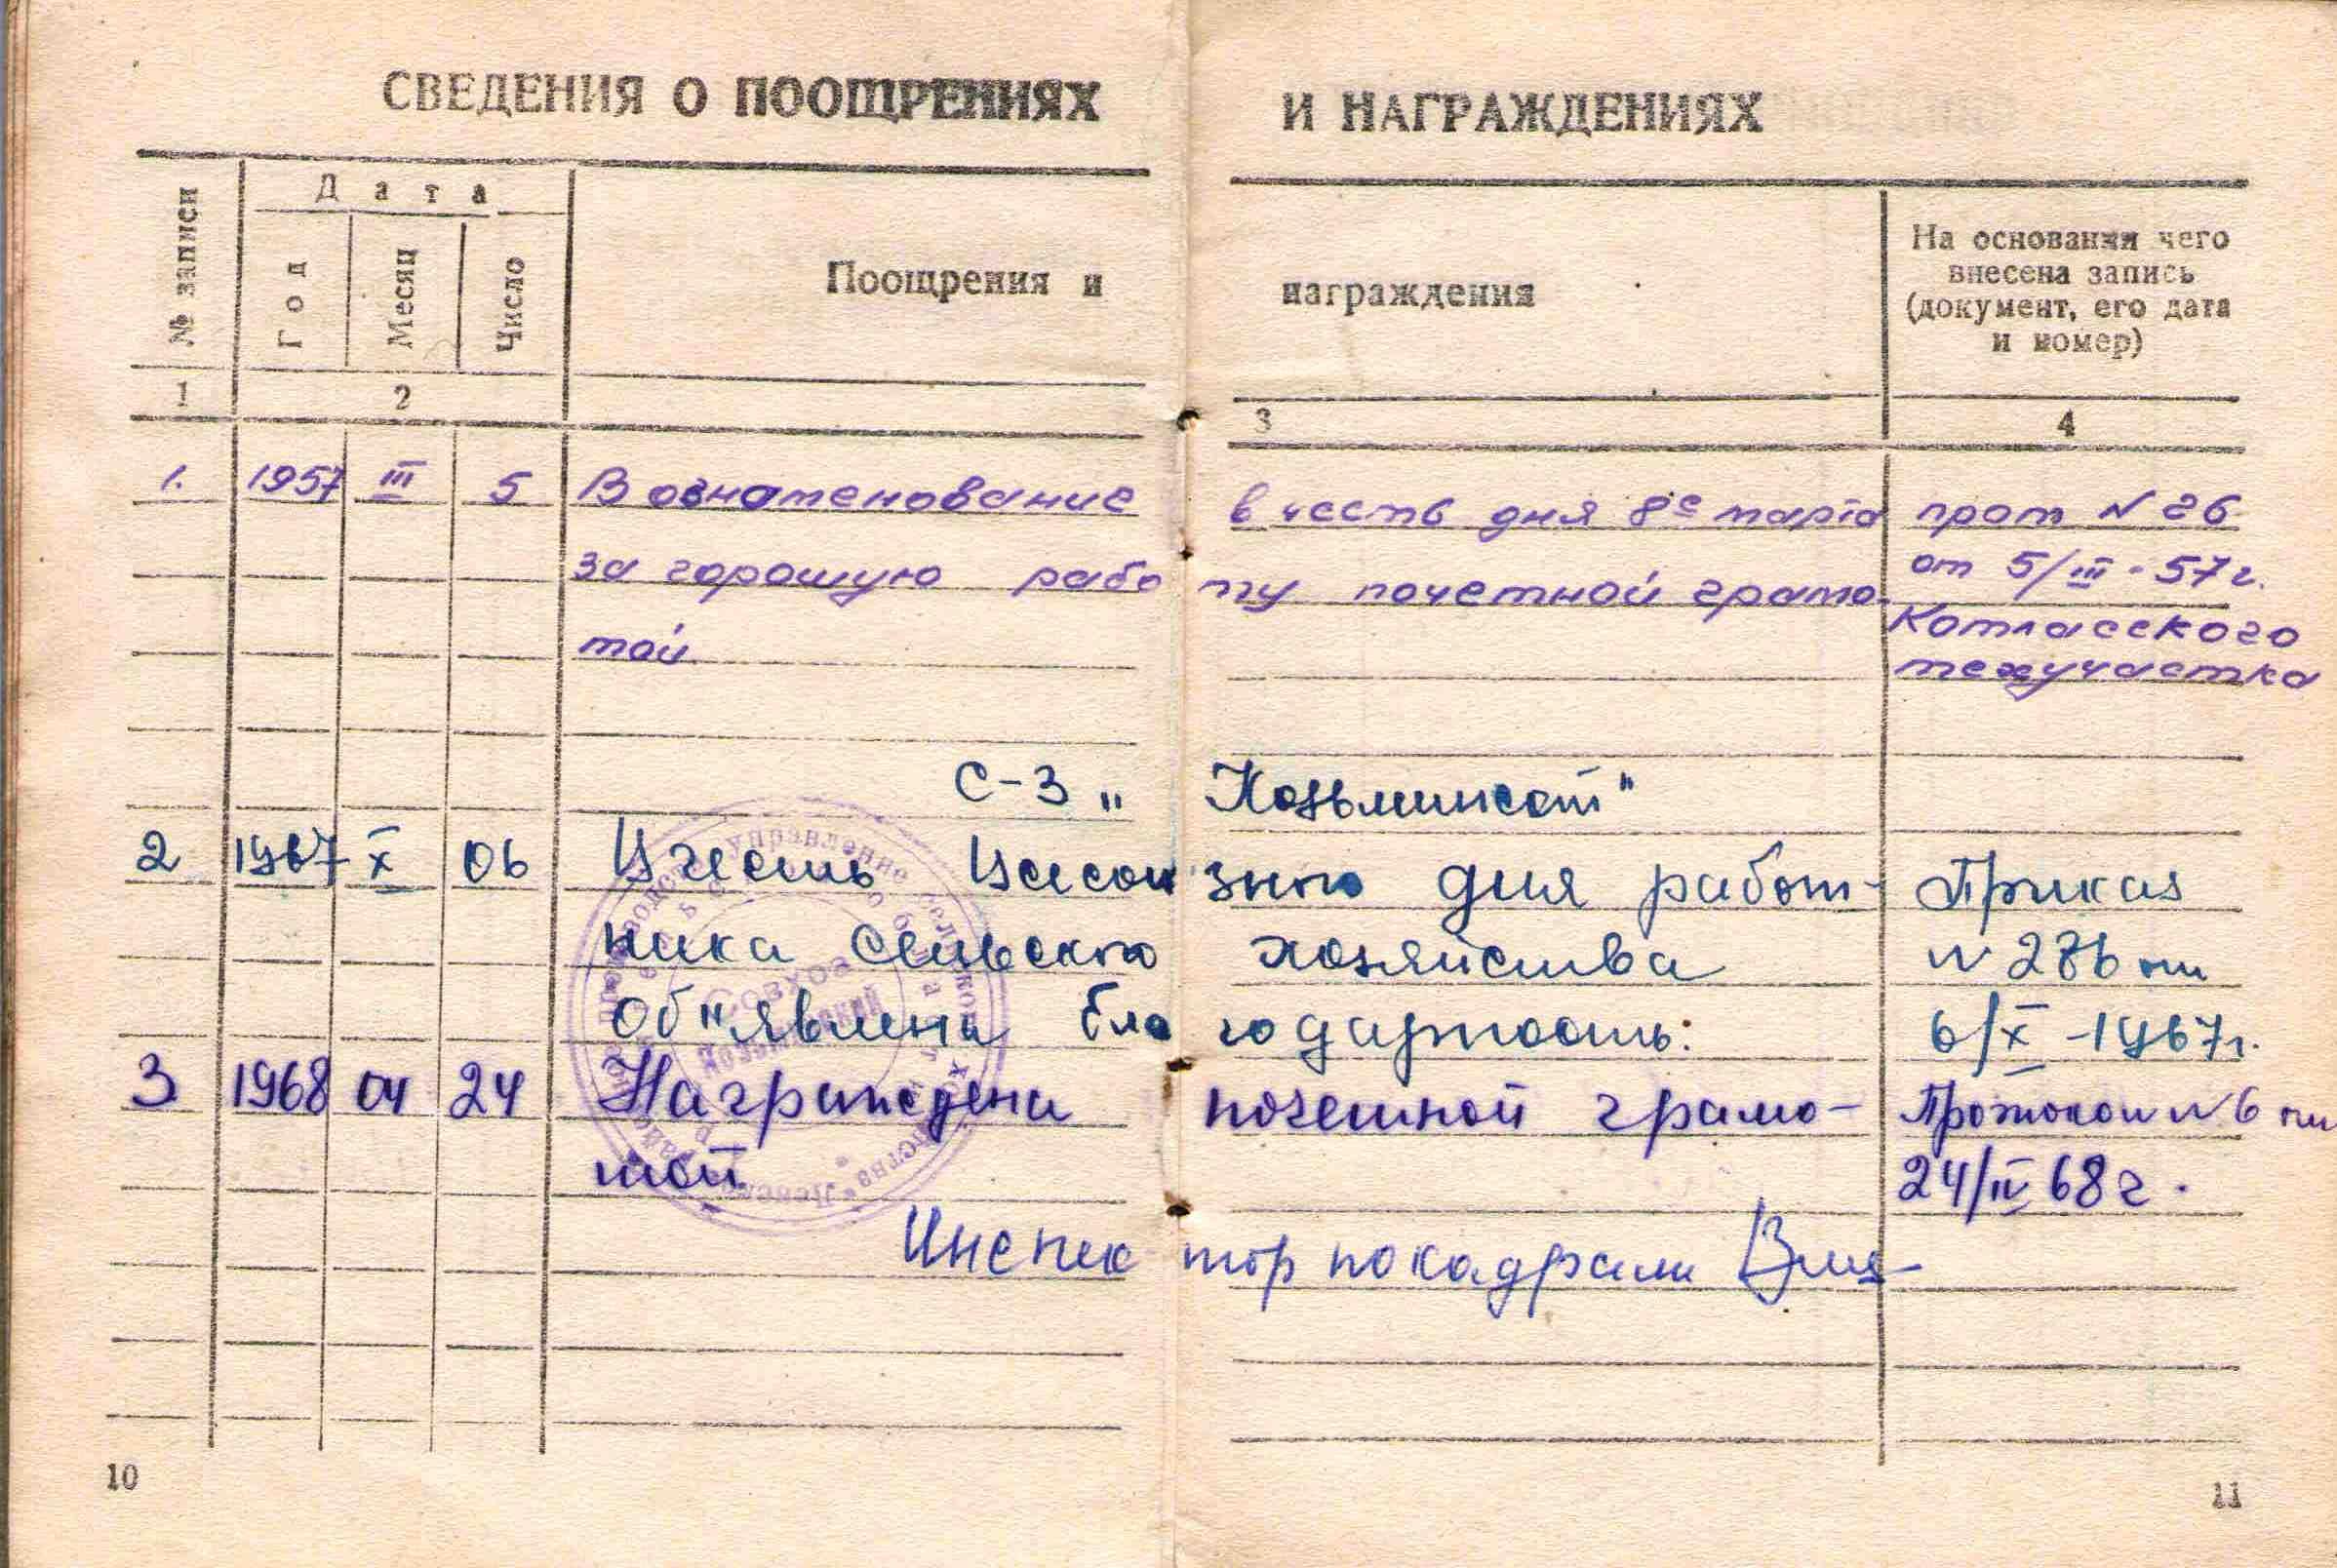 14. Трудовая книжка, 1956